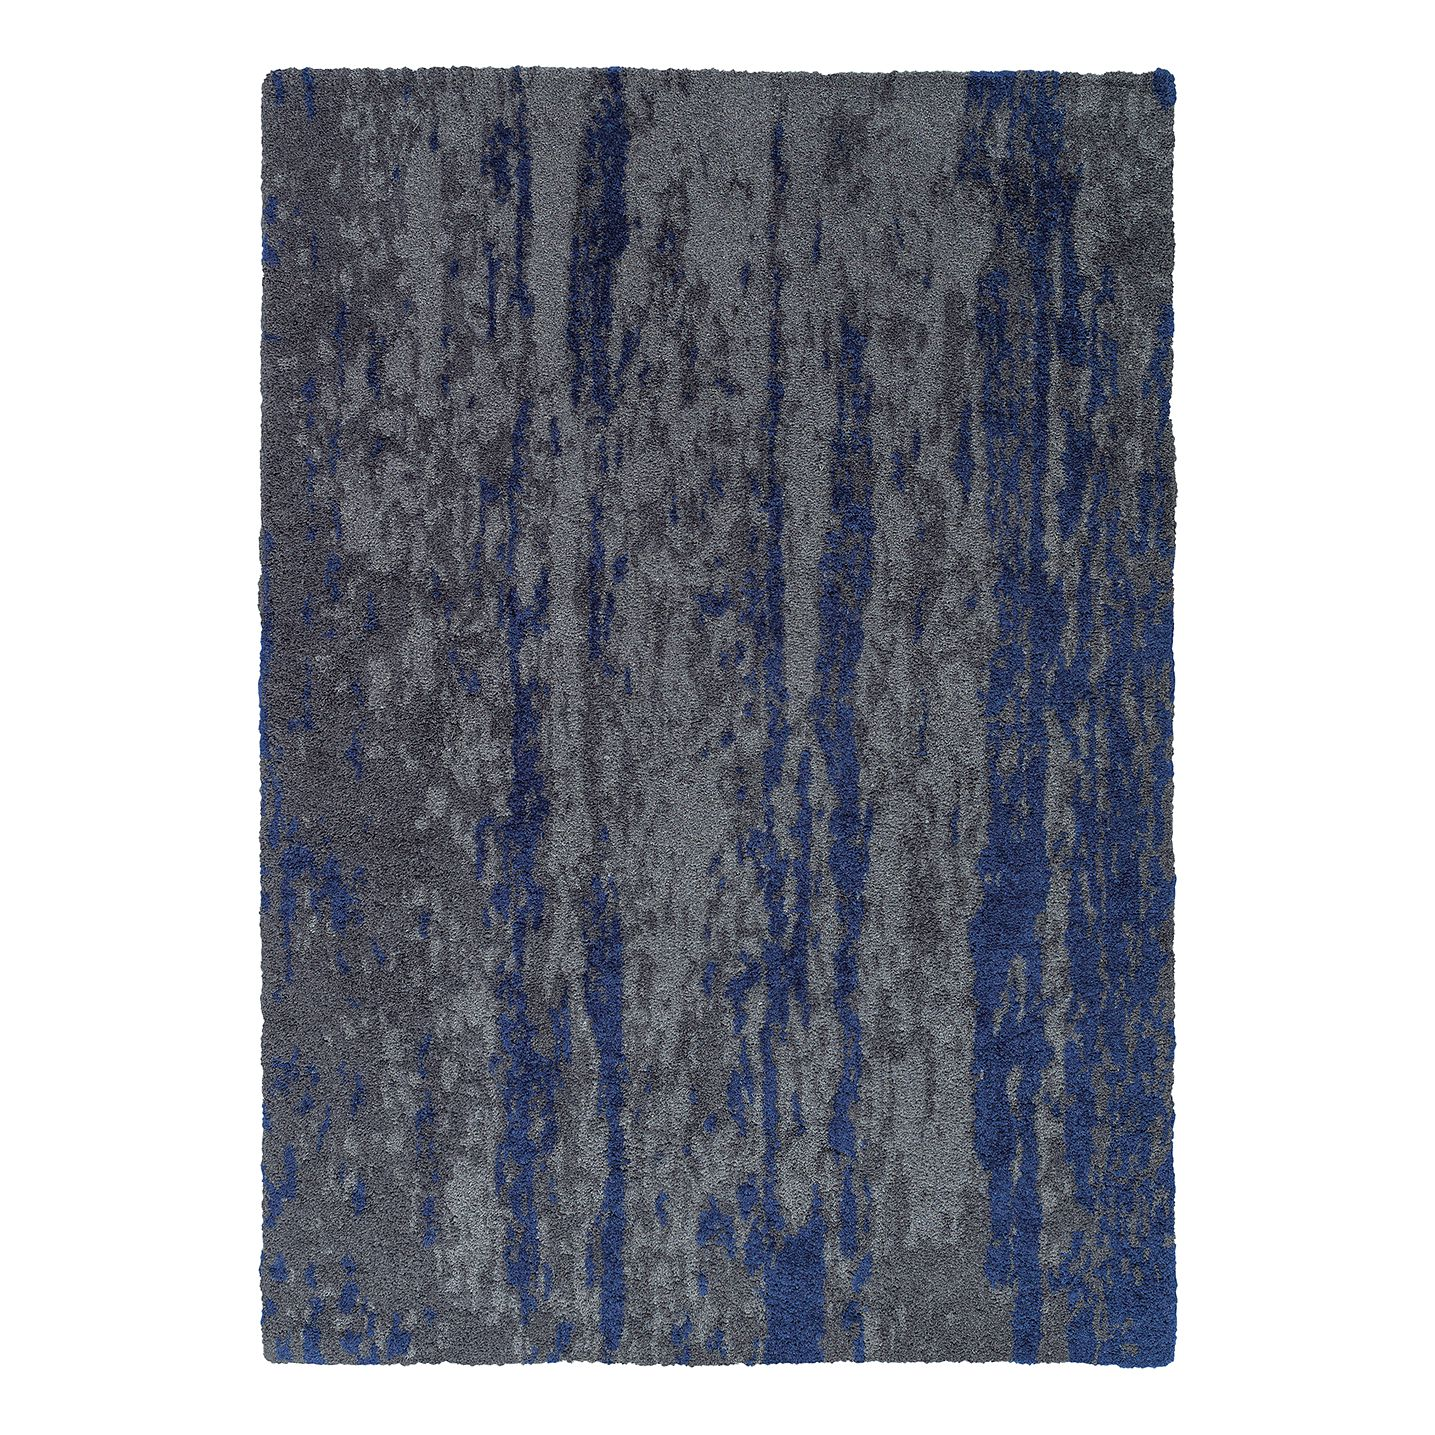 Teppich Impression - Kunstfaser - Grau / Blau - 160 x 230 cm, Schöner Wohnen Kollektion